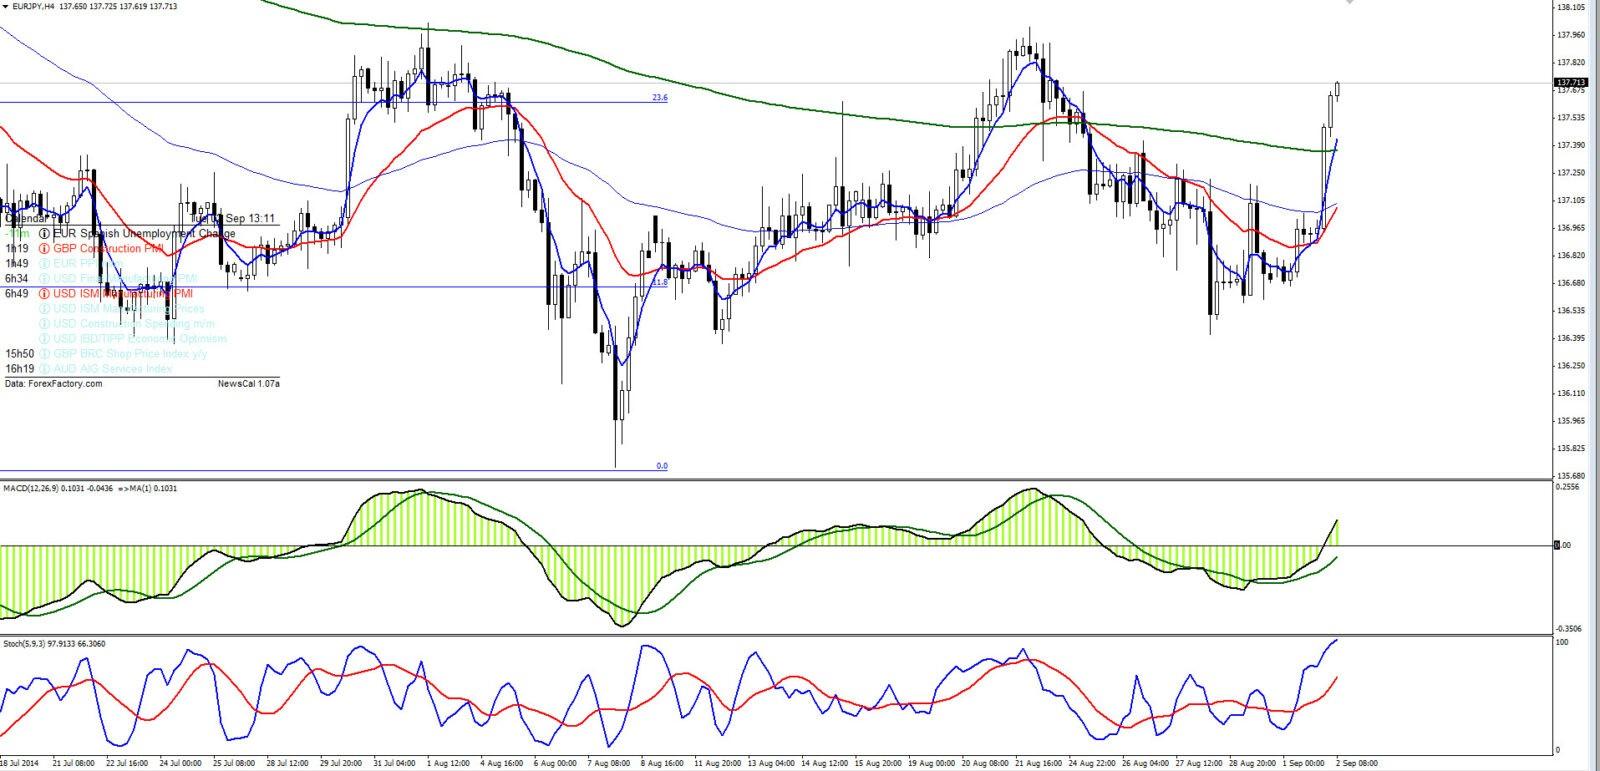 Аналитика форекс EURJPY 02.09.14